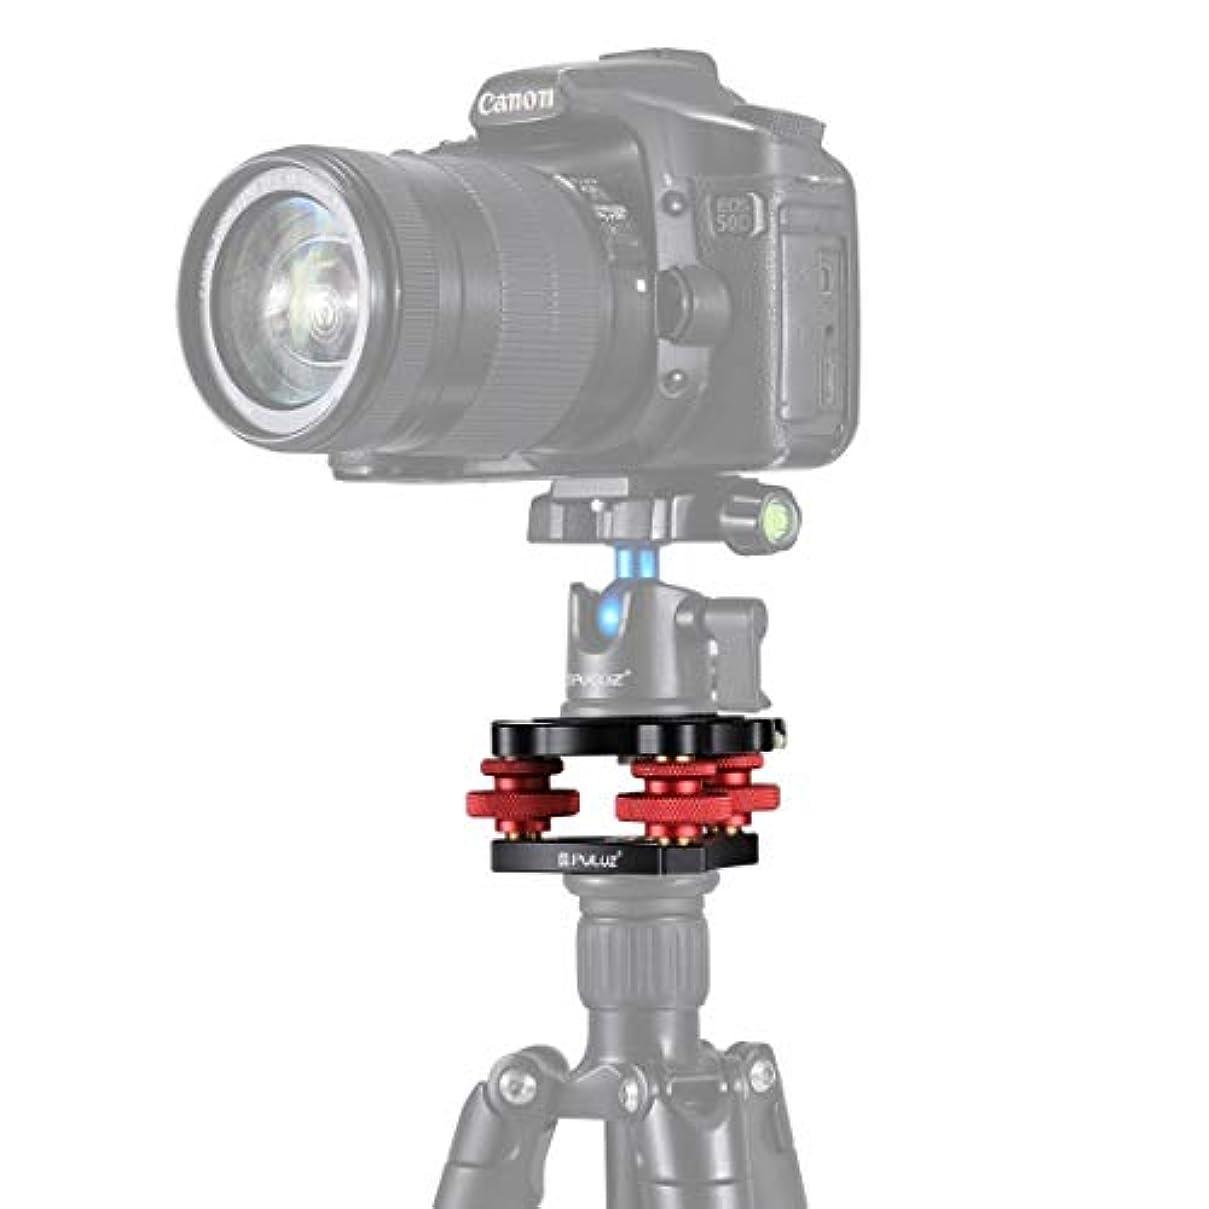 スタンド委任するハムCamera shooting live broadcast accessory foot stan アルミニウム合金の調整ダイヤルレベリングベースボールヘッド用のカメラの三脚ヘッドストロング FENGFENGWUJIN